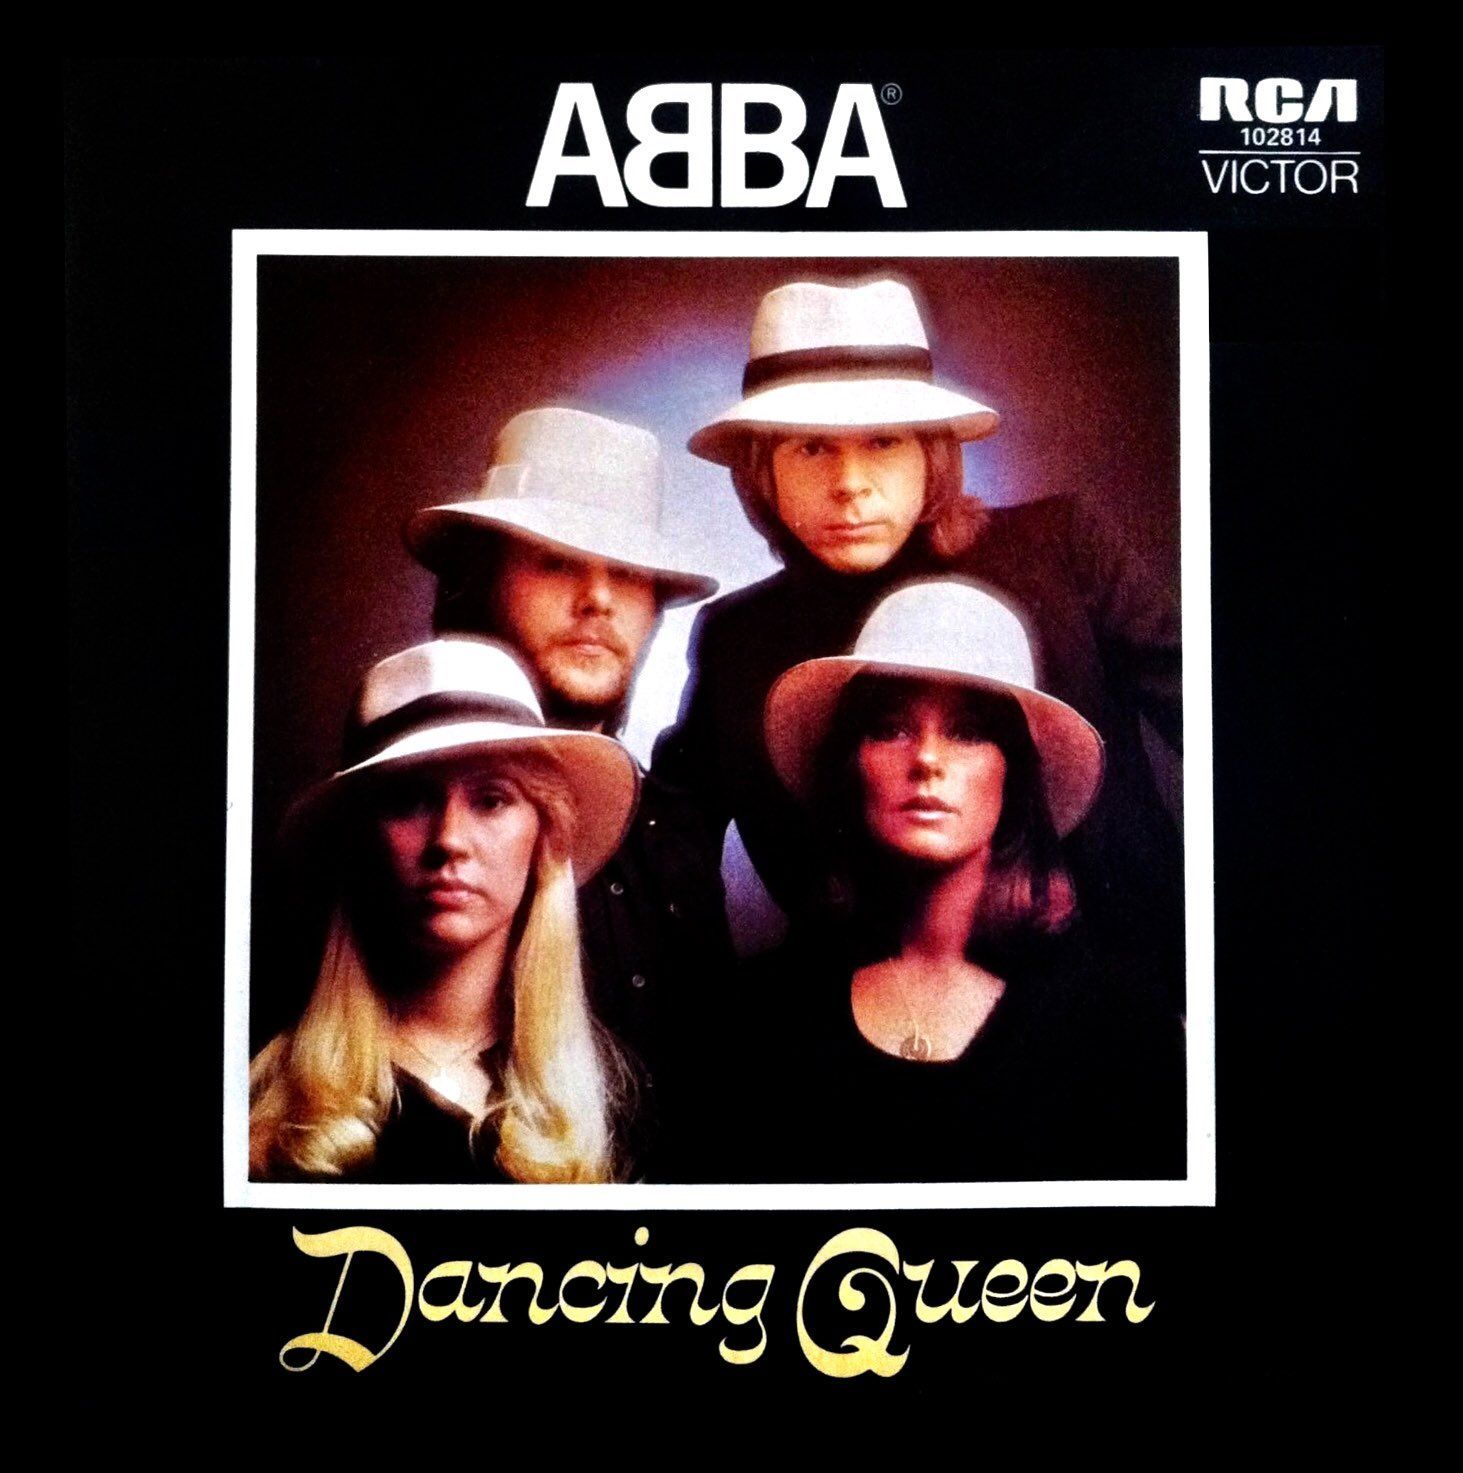 2018 Album A Day Bonus Single Abba Dancing Queen Released